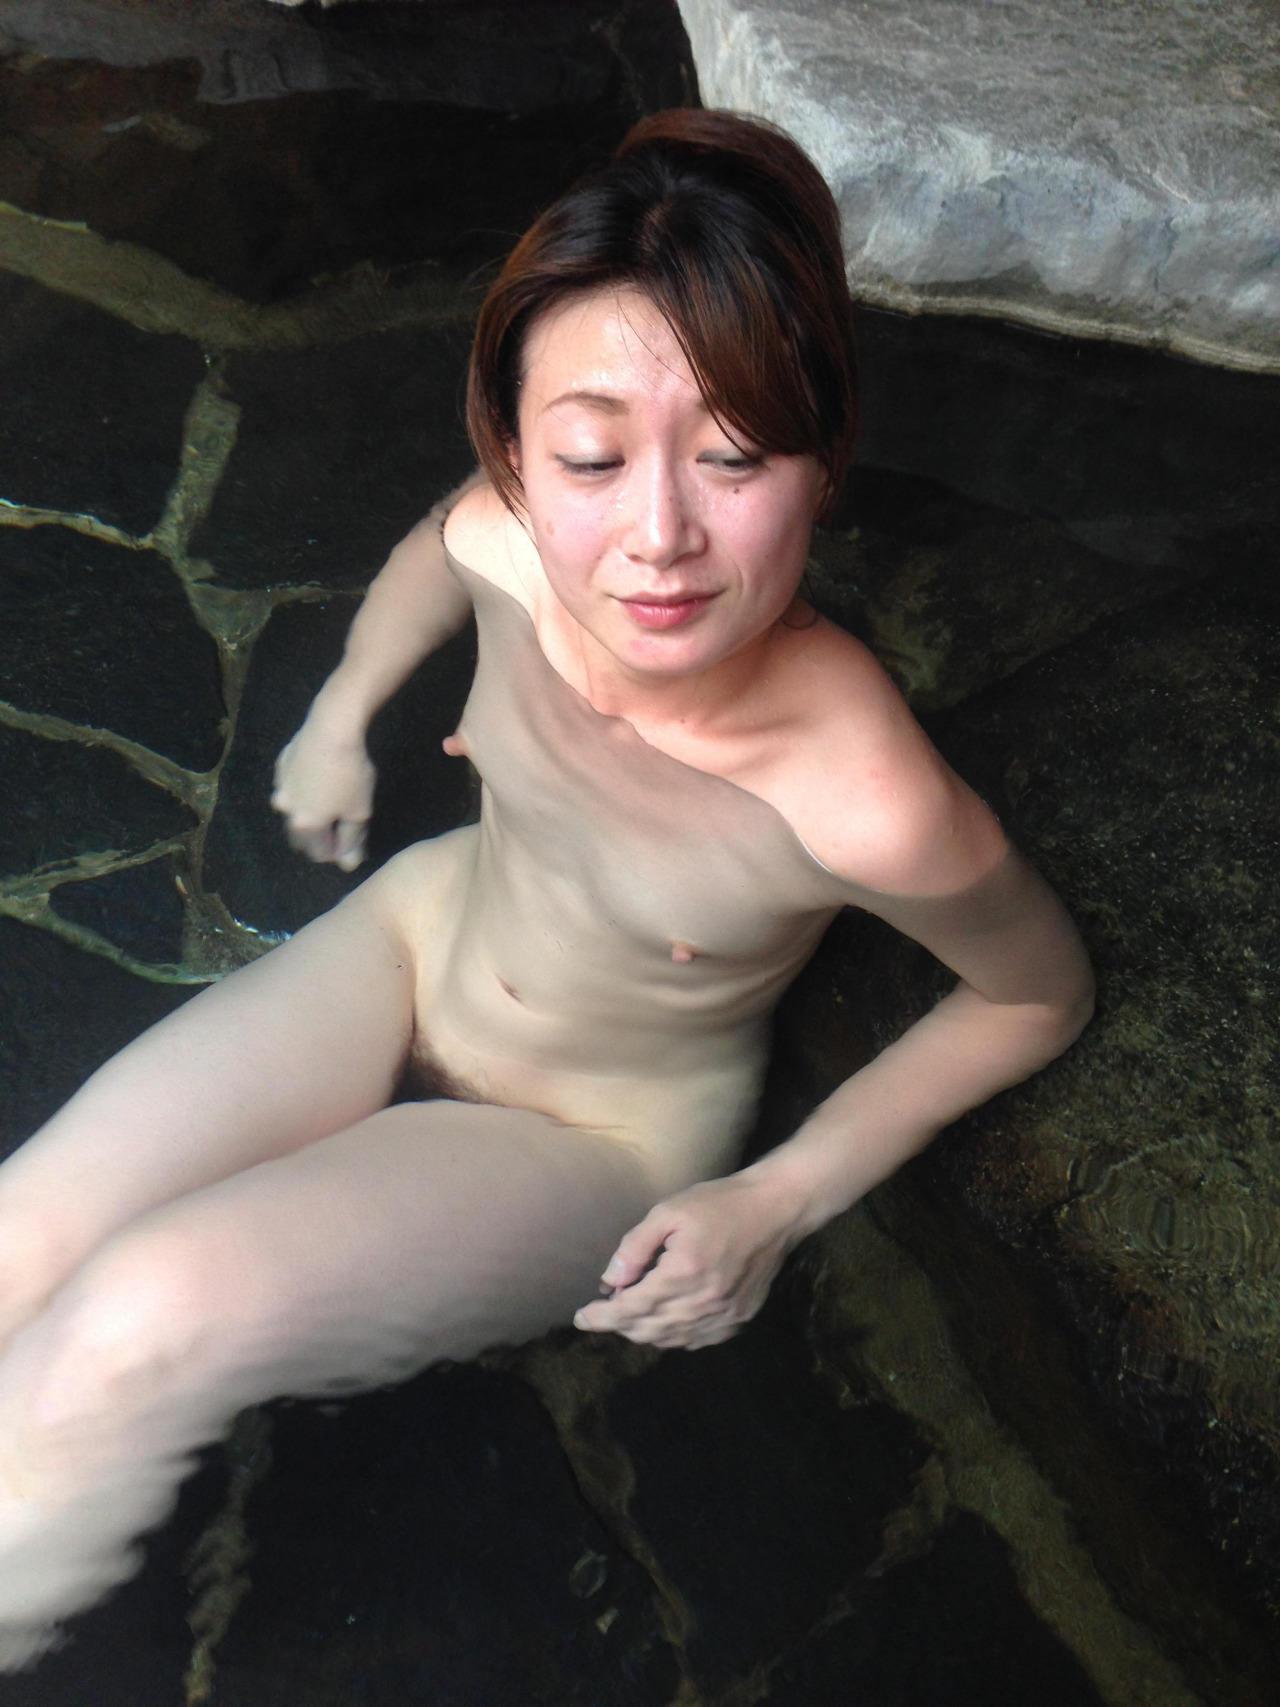 温泉にラブラブ夫婦参上!!!何歳になっても毎年温泉セックス旅行は欠かせませんwwww 3006